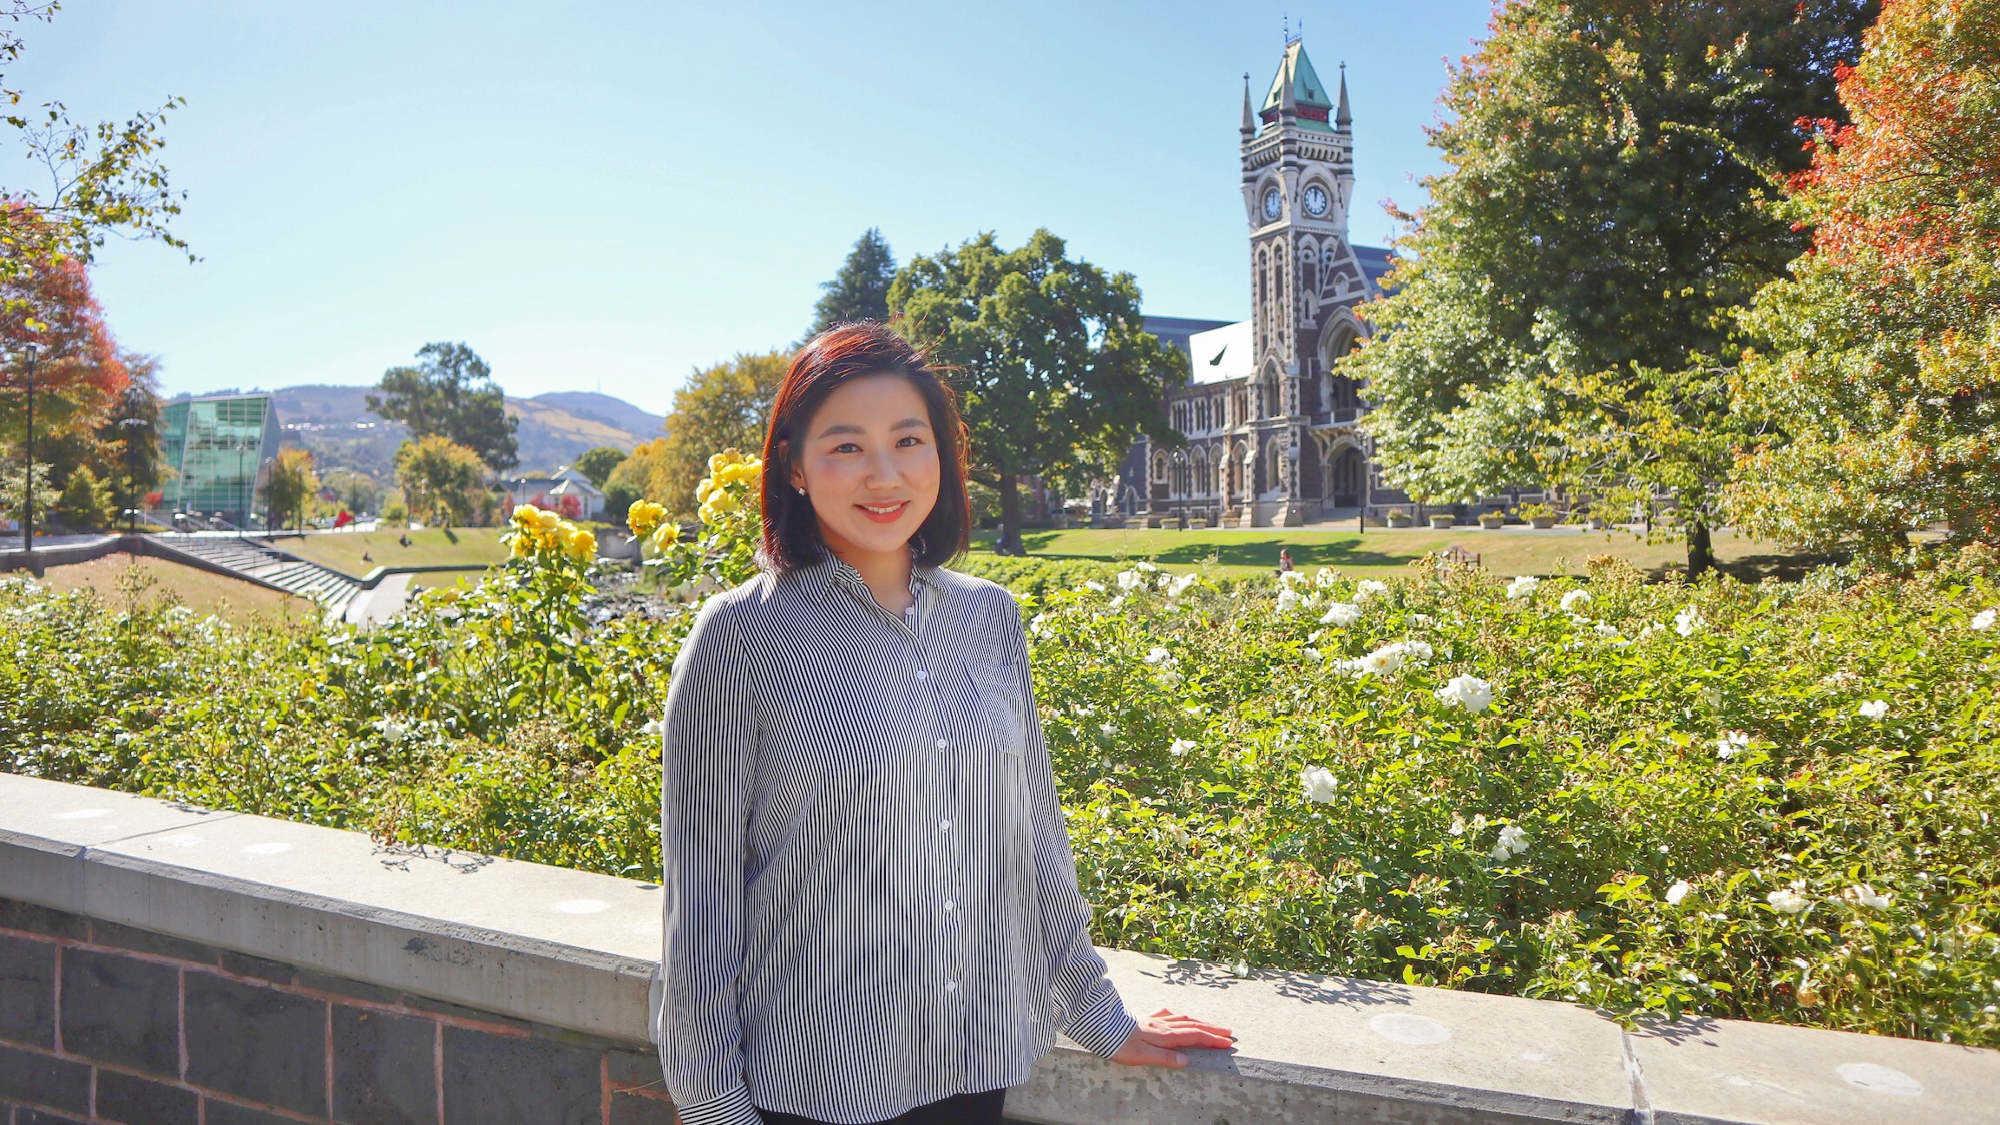 Les femmes dans l'art dentaire : rencontre avec le Dr Joanne Choi, prothésiste dentaire/chercheuse